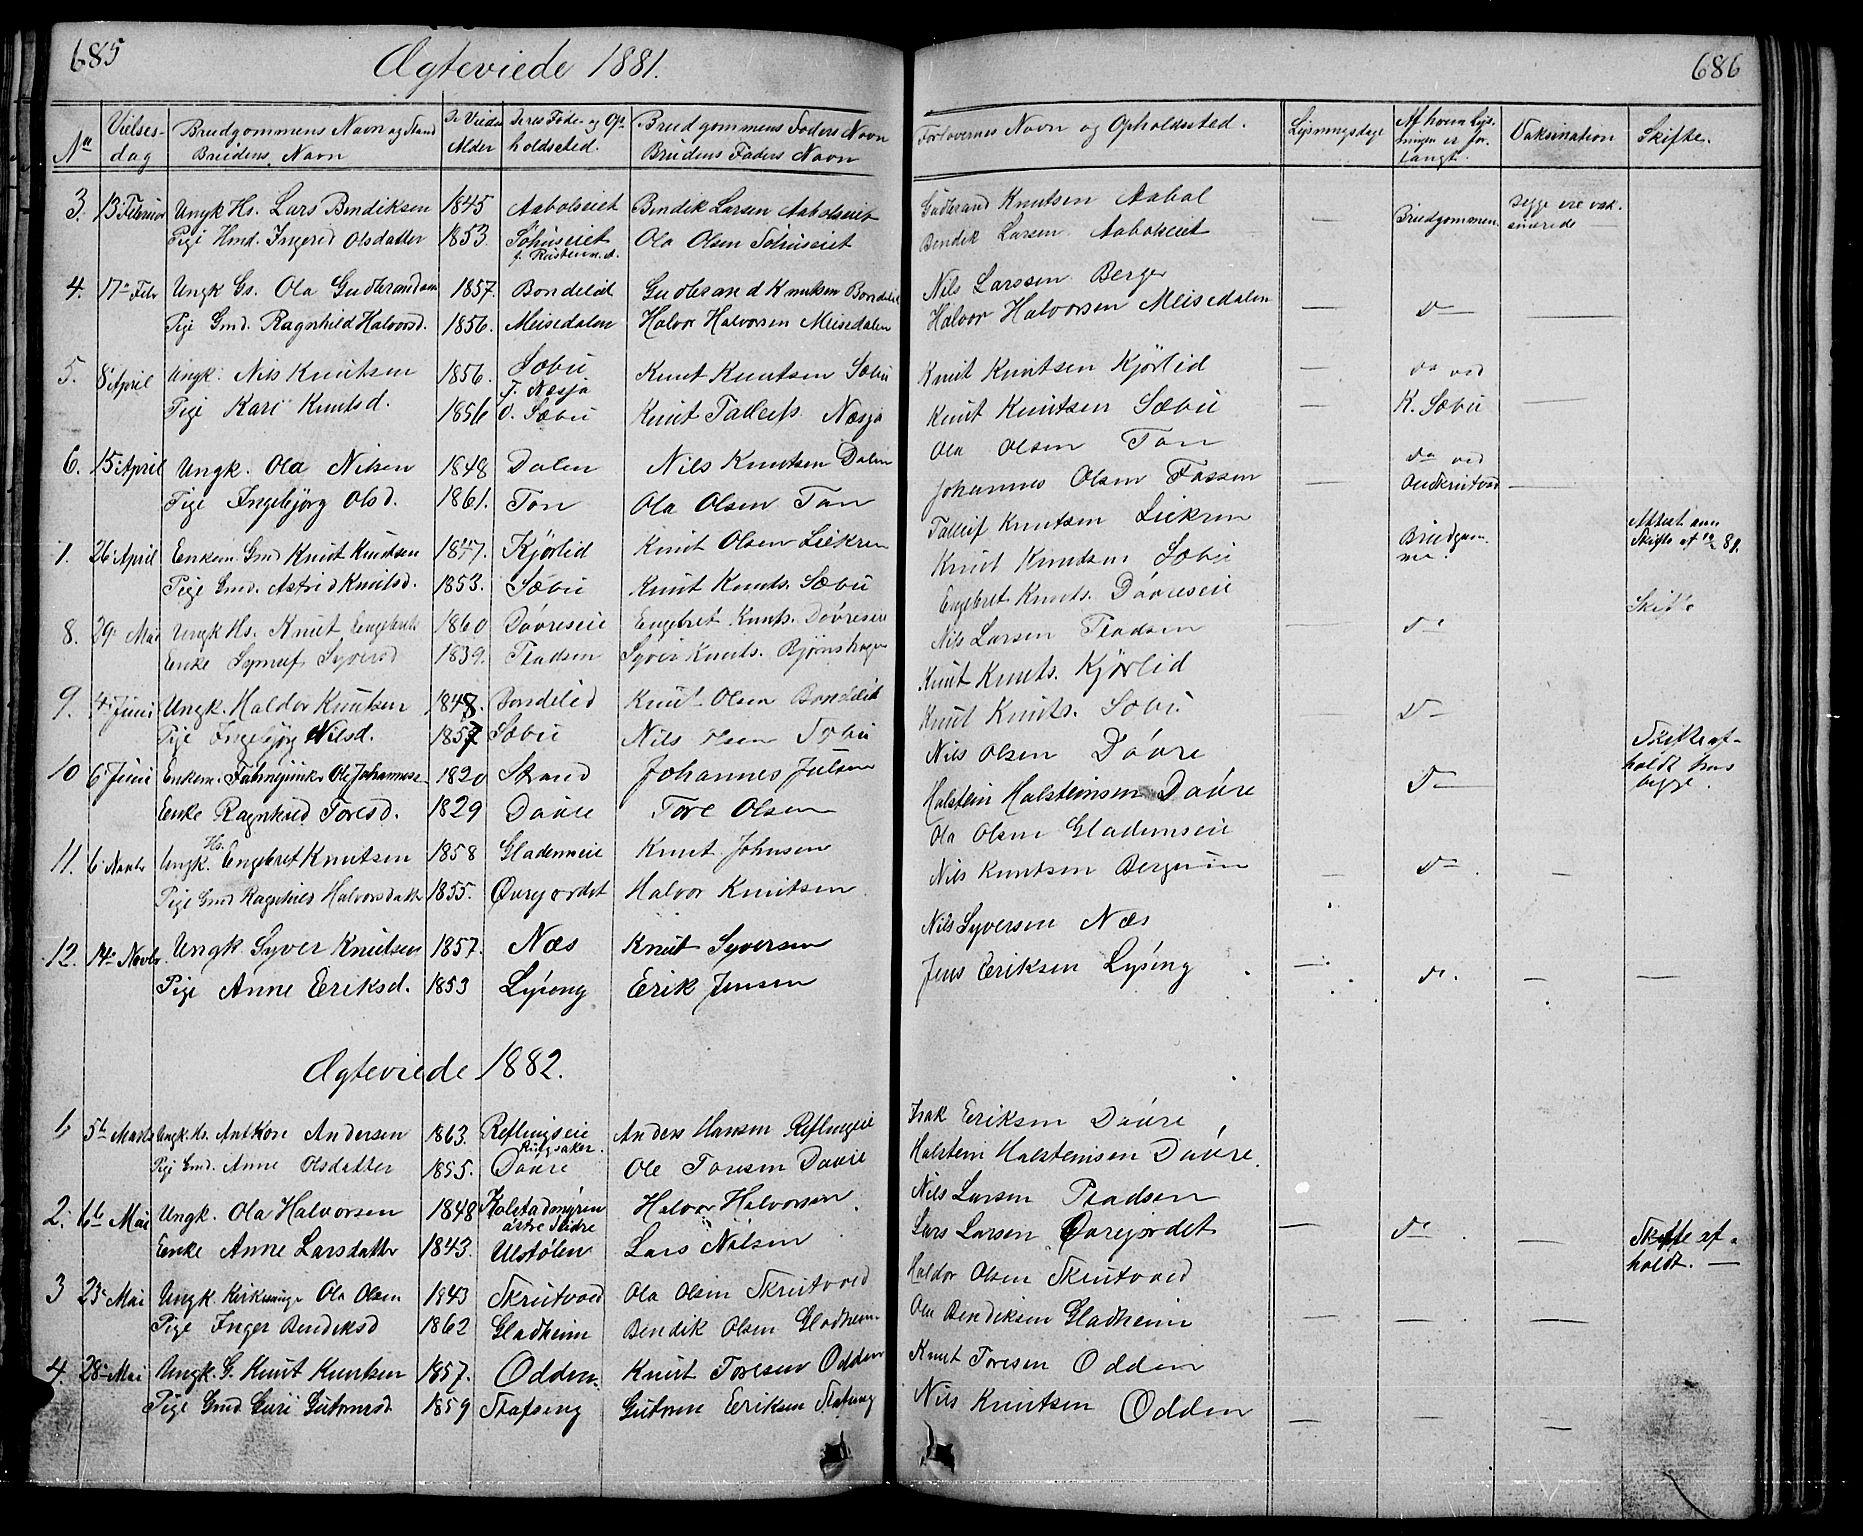 SAH, Nord-Aurdal prestekontor, Klokkerbok nr. 1, 1834-1887, s. 685-686